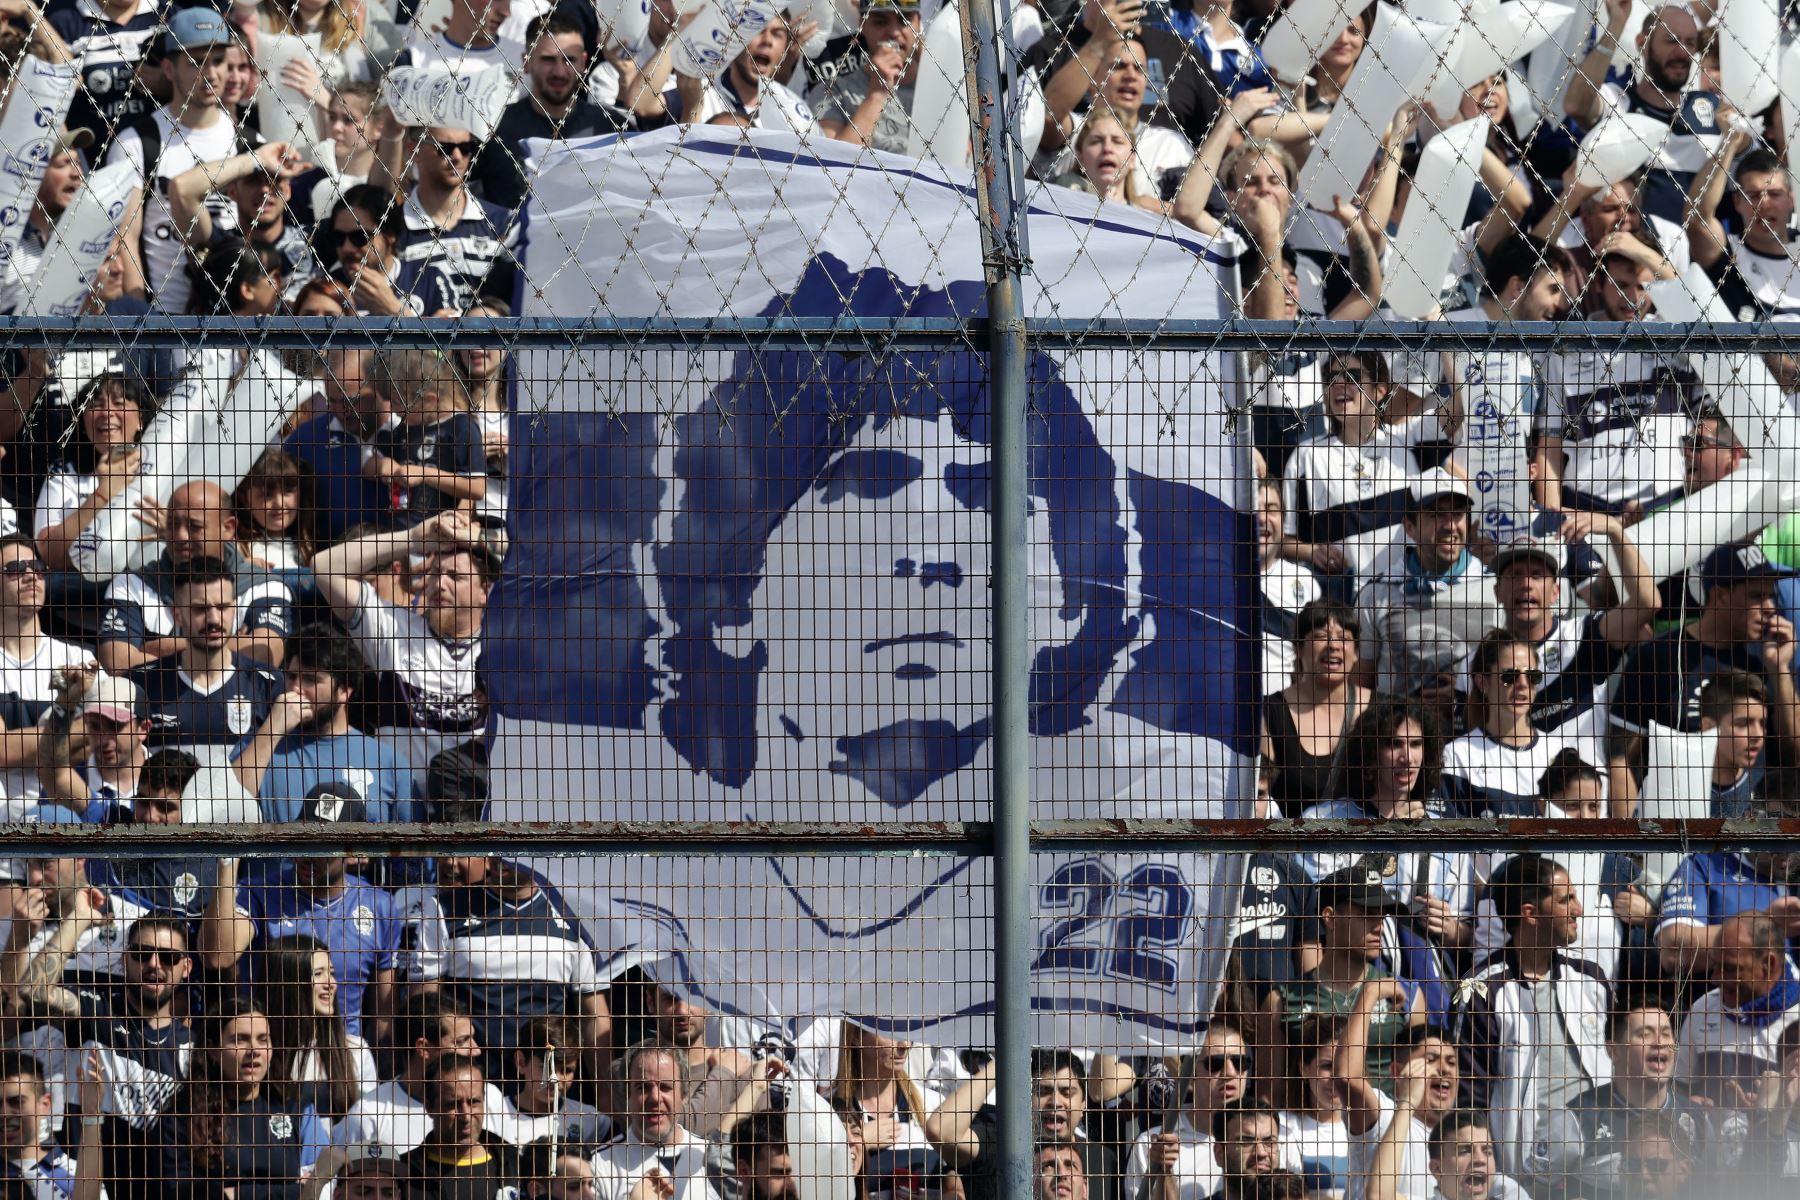 Los partidarios de Gimnasia y Esgrima La Plata animan a su equipo y a su nuevo entrenador, la ex estrella del fútbol argentino Diego Armando Maradona, durante su partido de fútbol de la Superliga de Primera División de Argentina contra el Racing Club. Foto: AFP